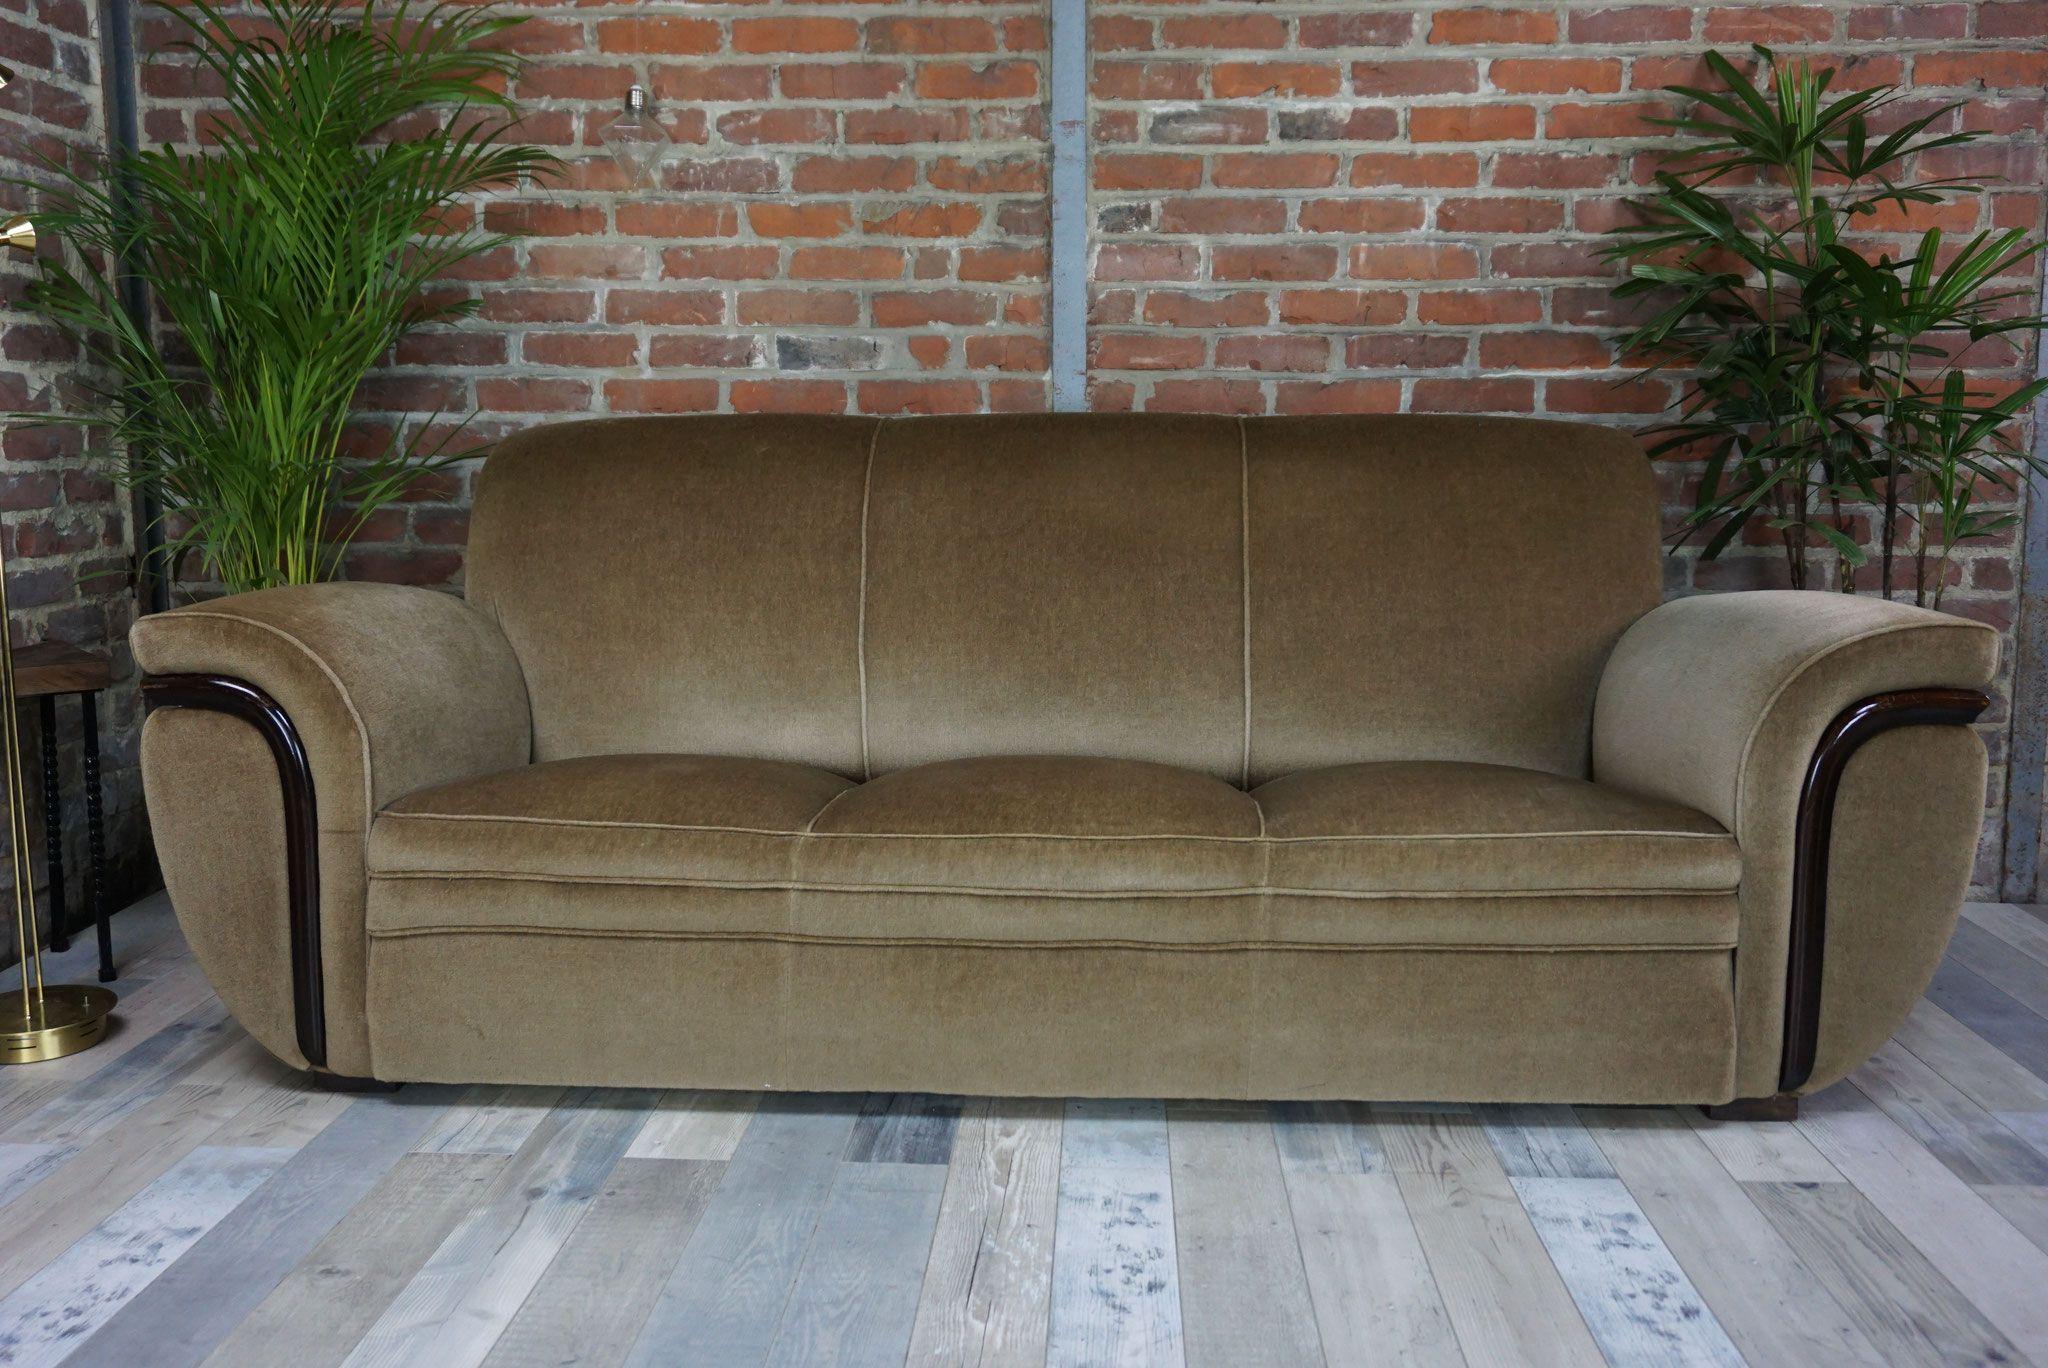 6e366ffeff9414978ce1a2a1447e0468 Incroyable De Coussin Pour Canapé Palette Concept